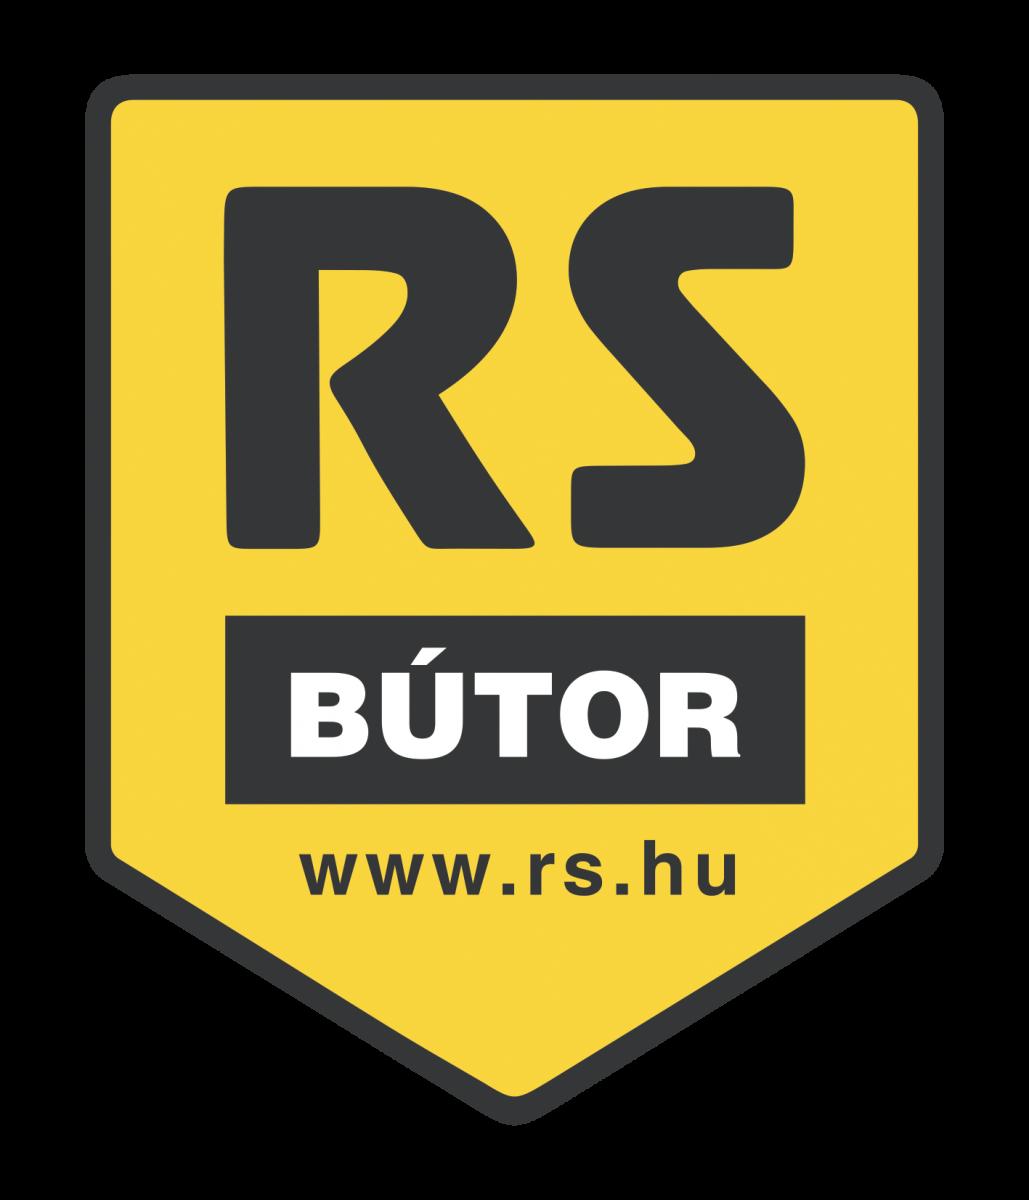 RS Bútoráruház honlapja